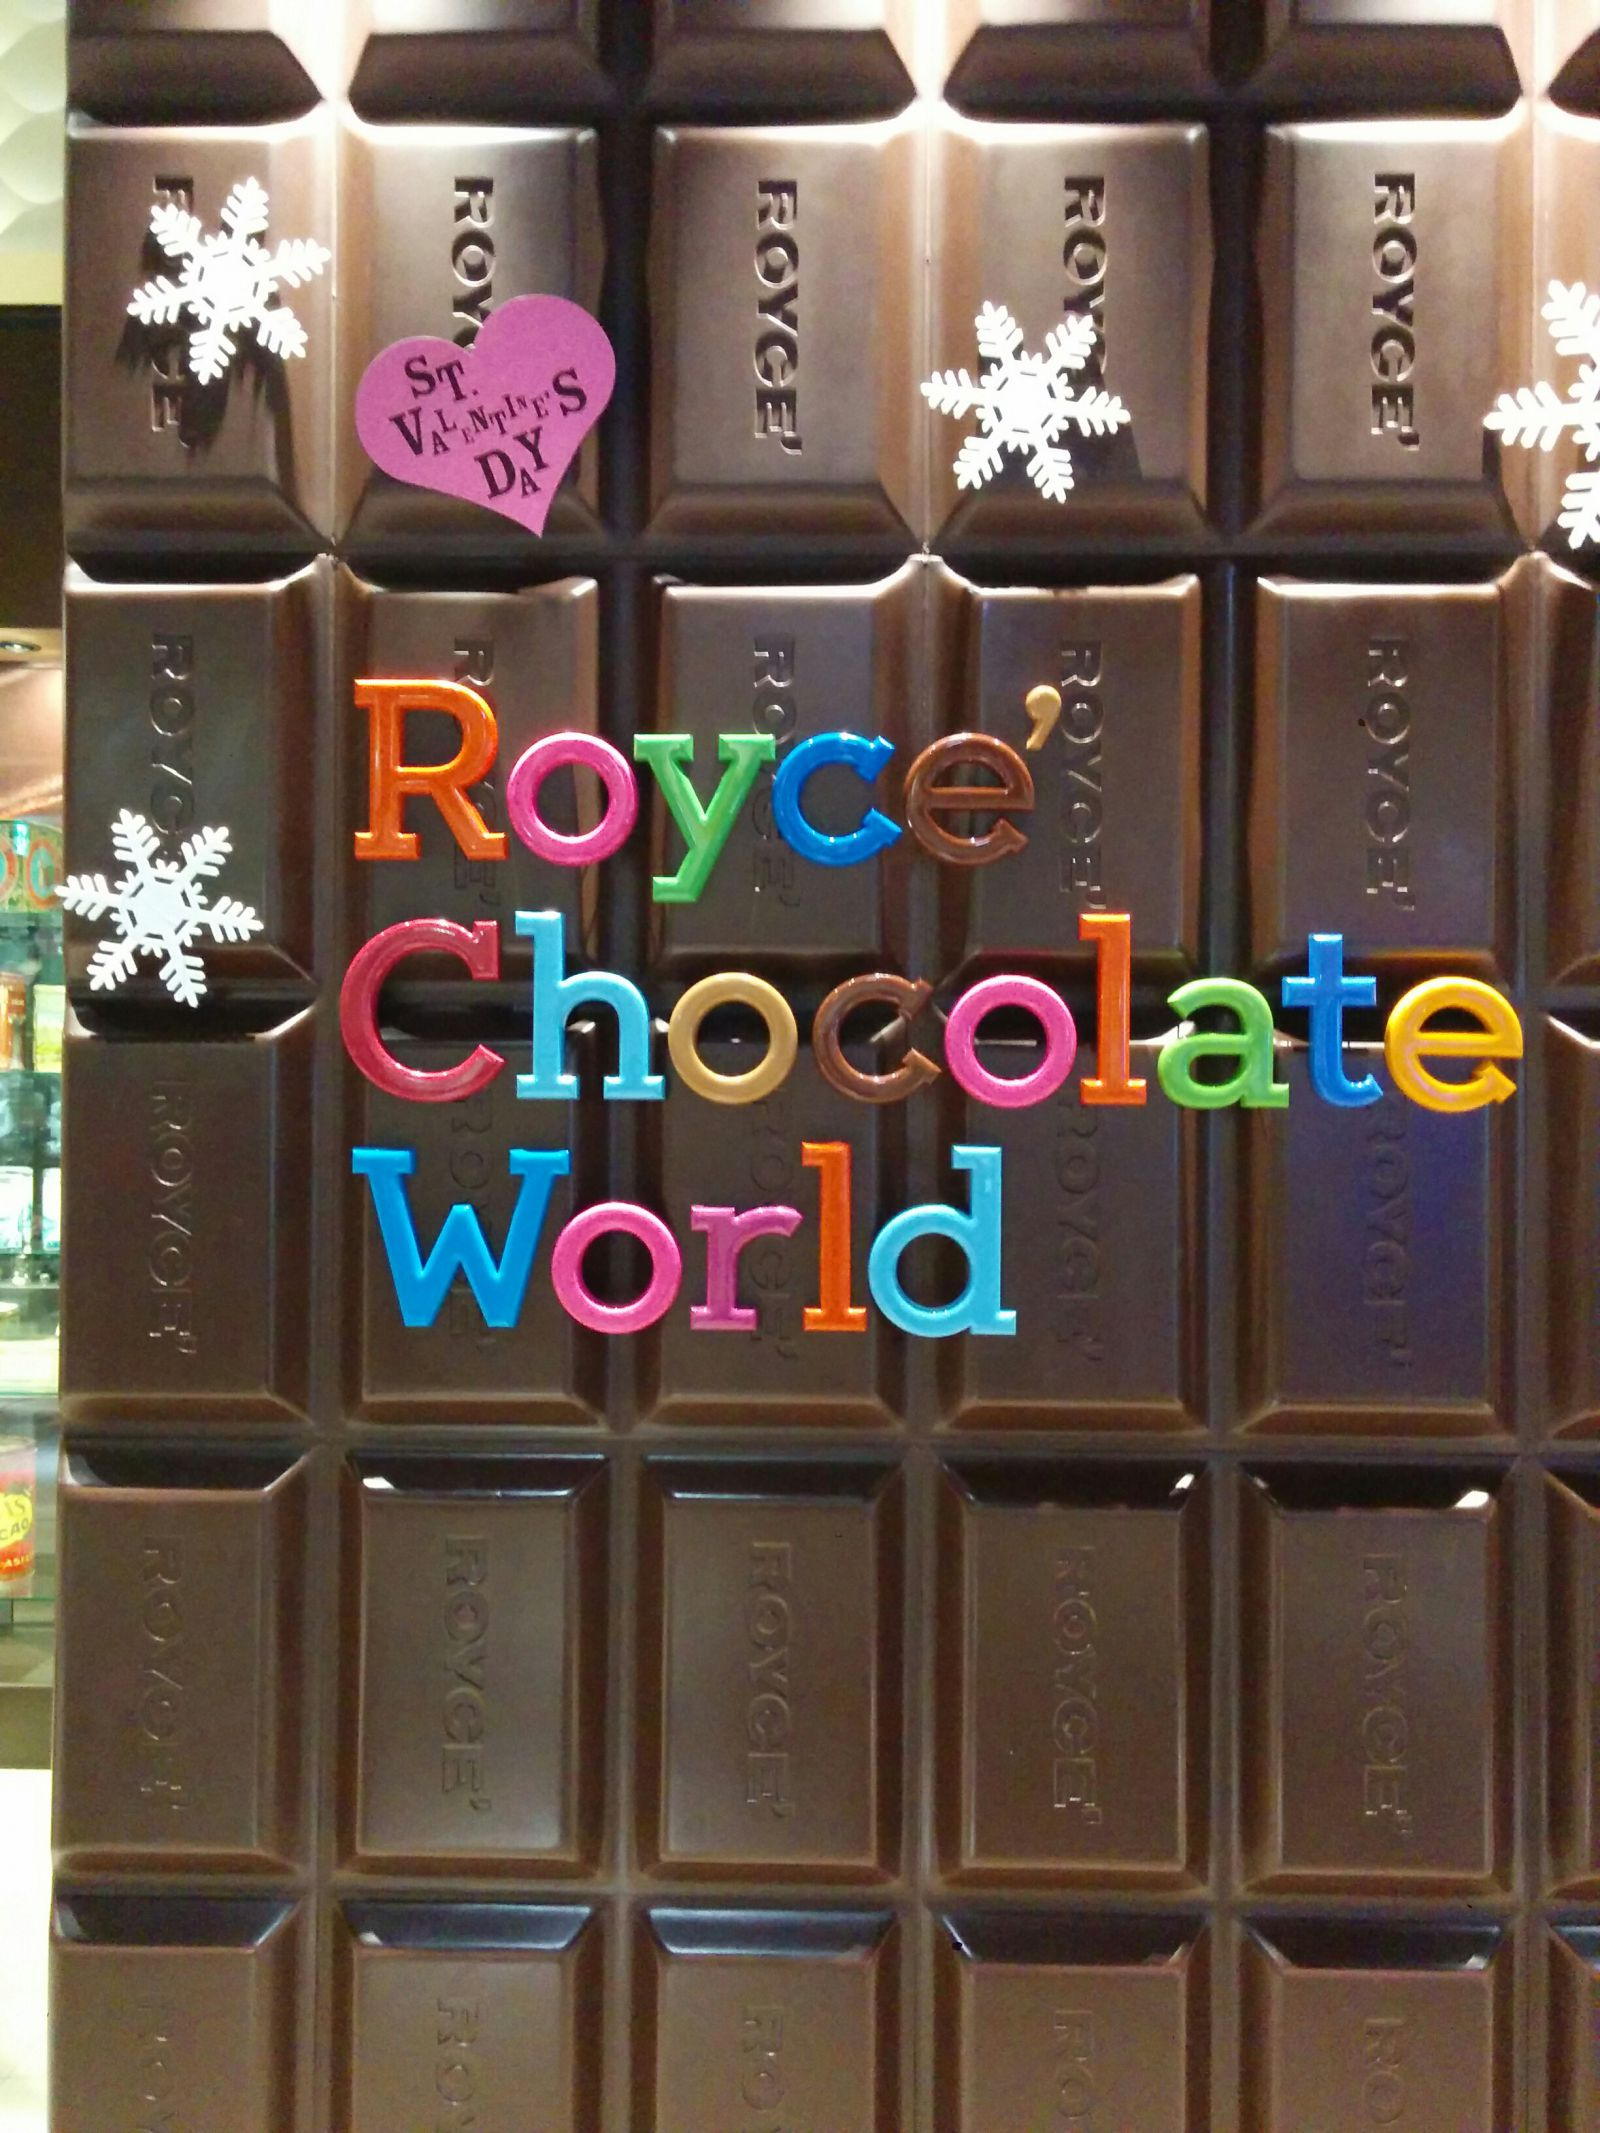 【新千歳空港】ロイズチョコレートワールド観光タクシー